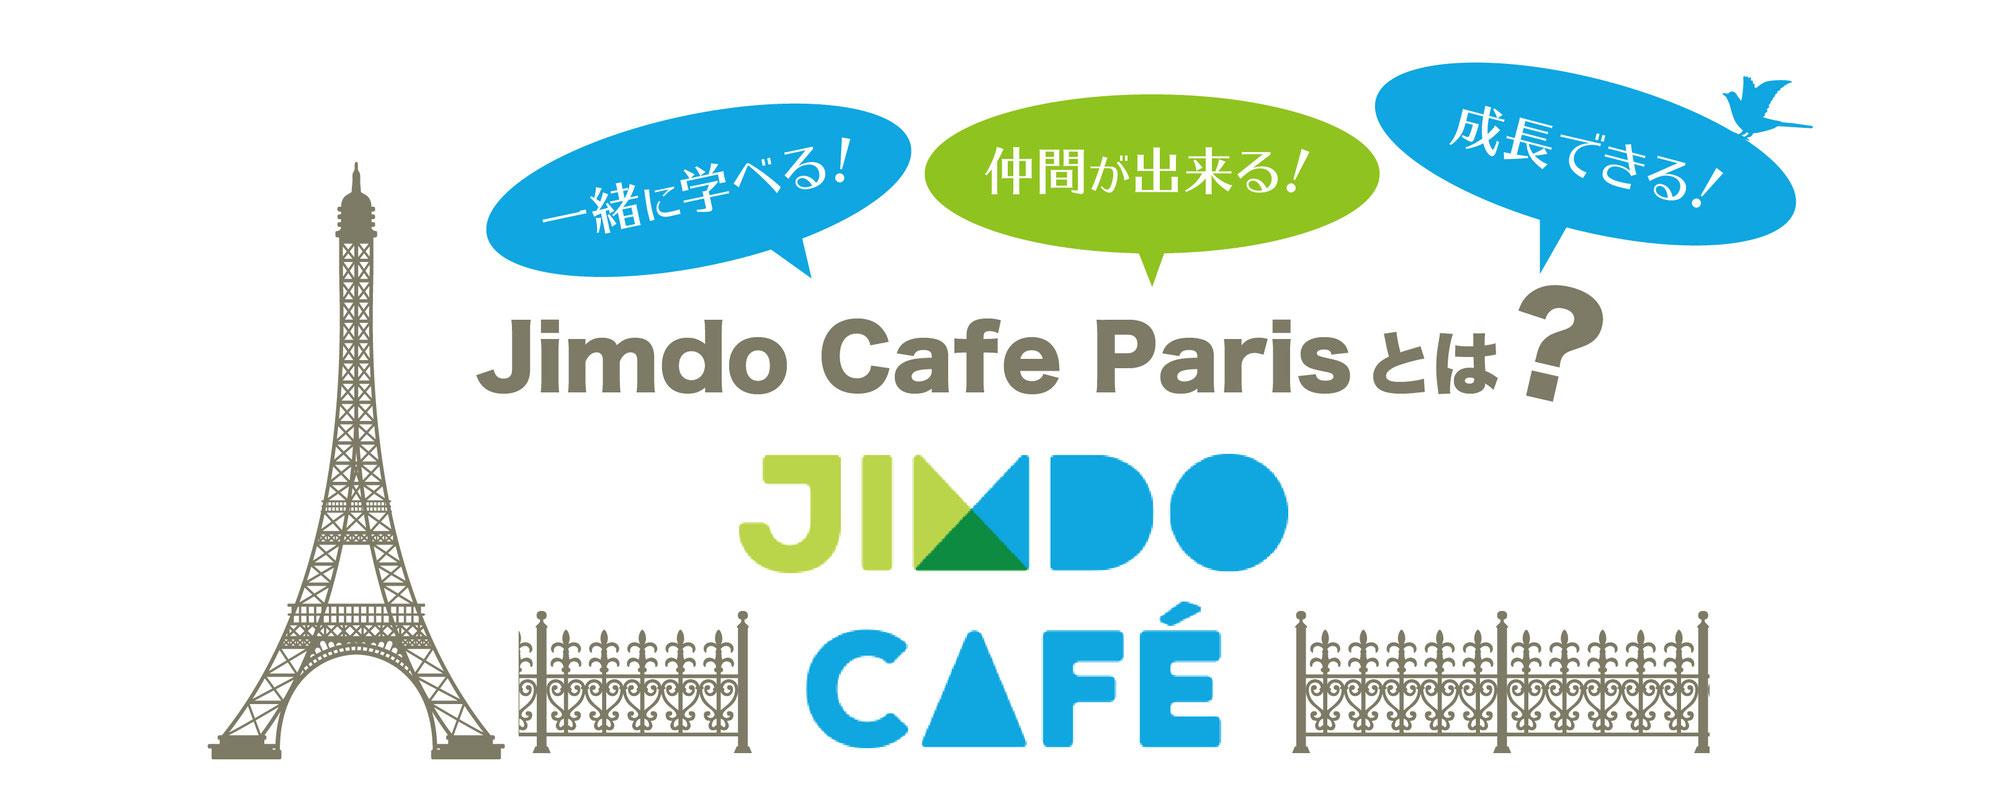 【告知】Jimdo Café Paris開催中♪